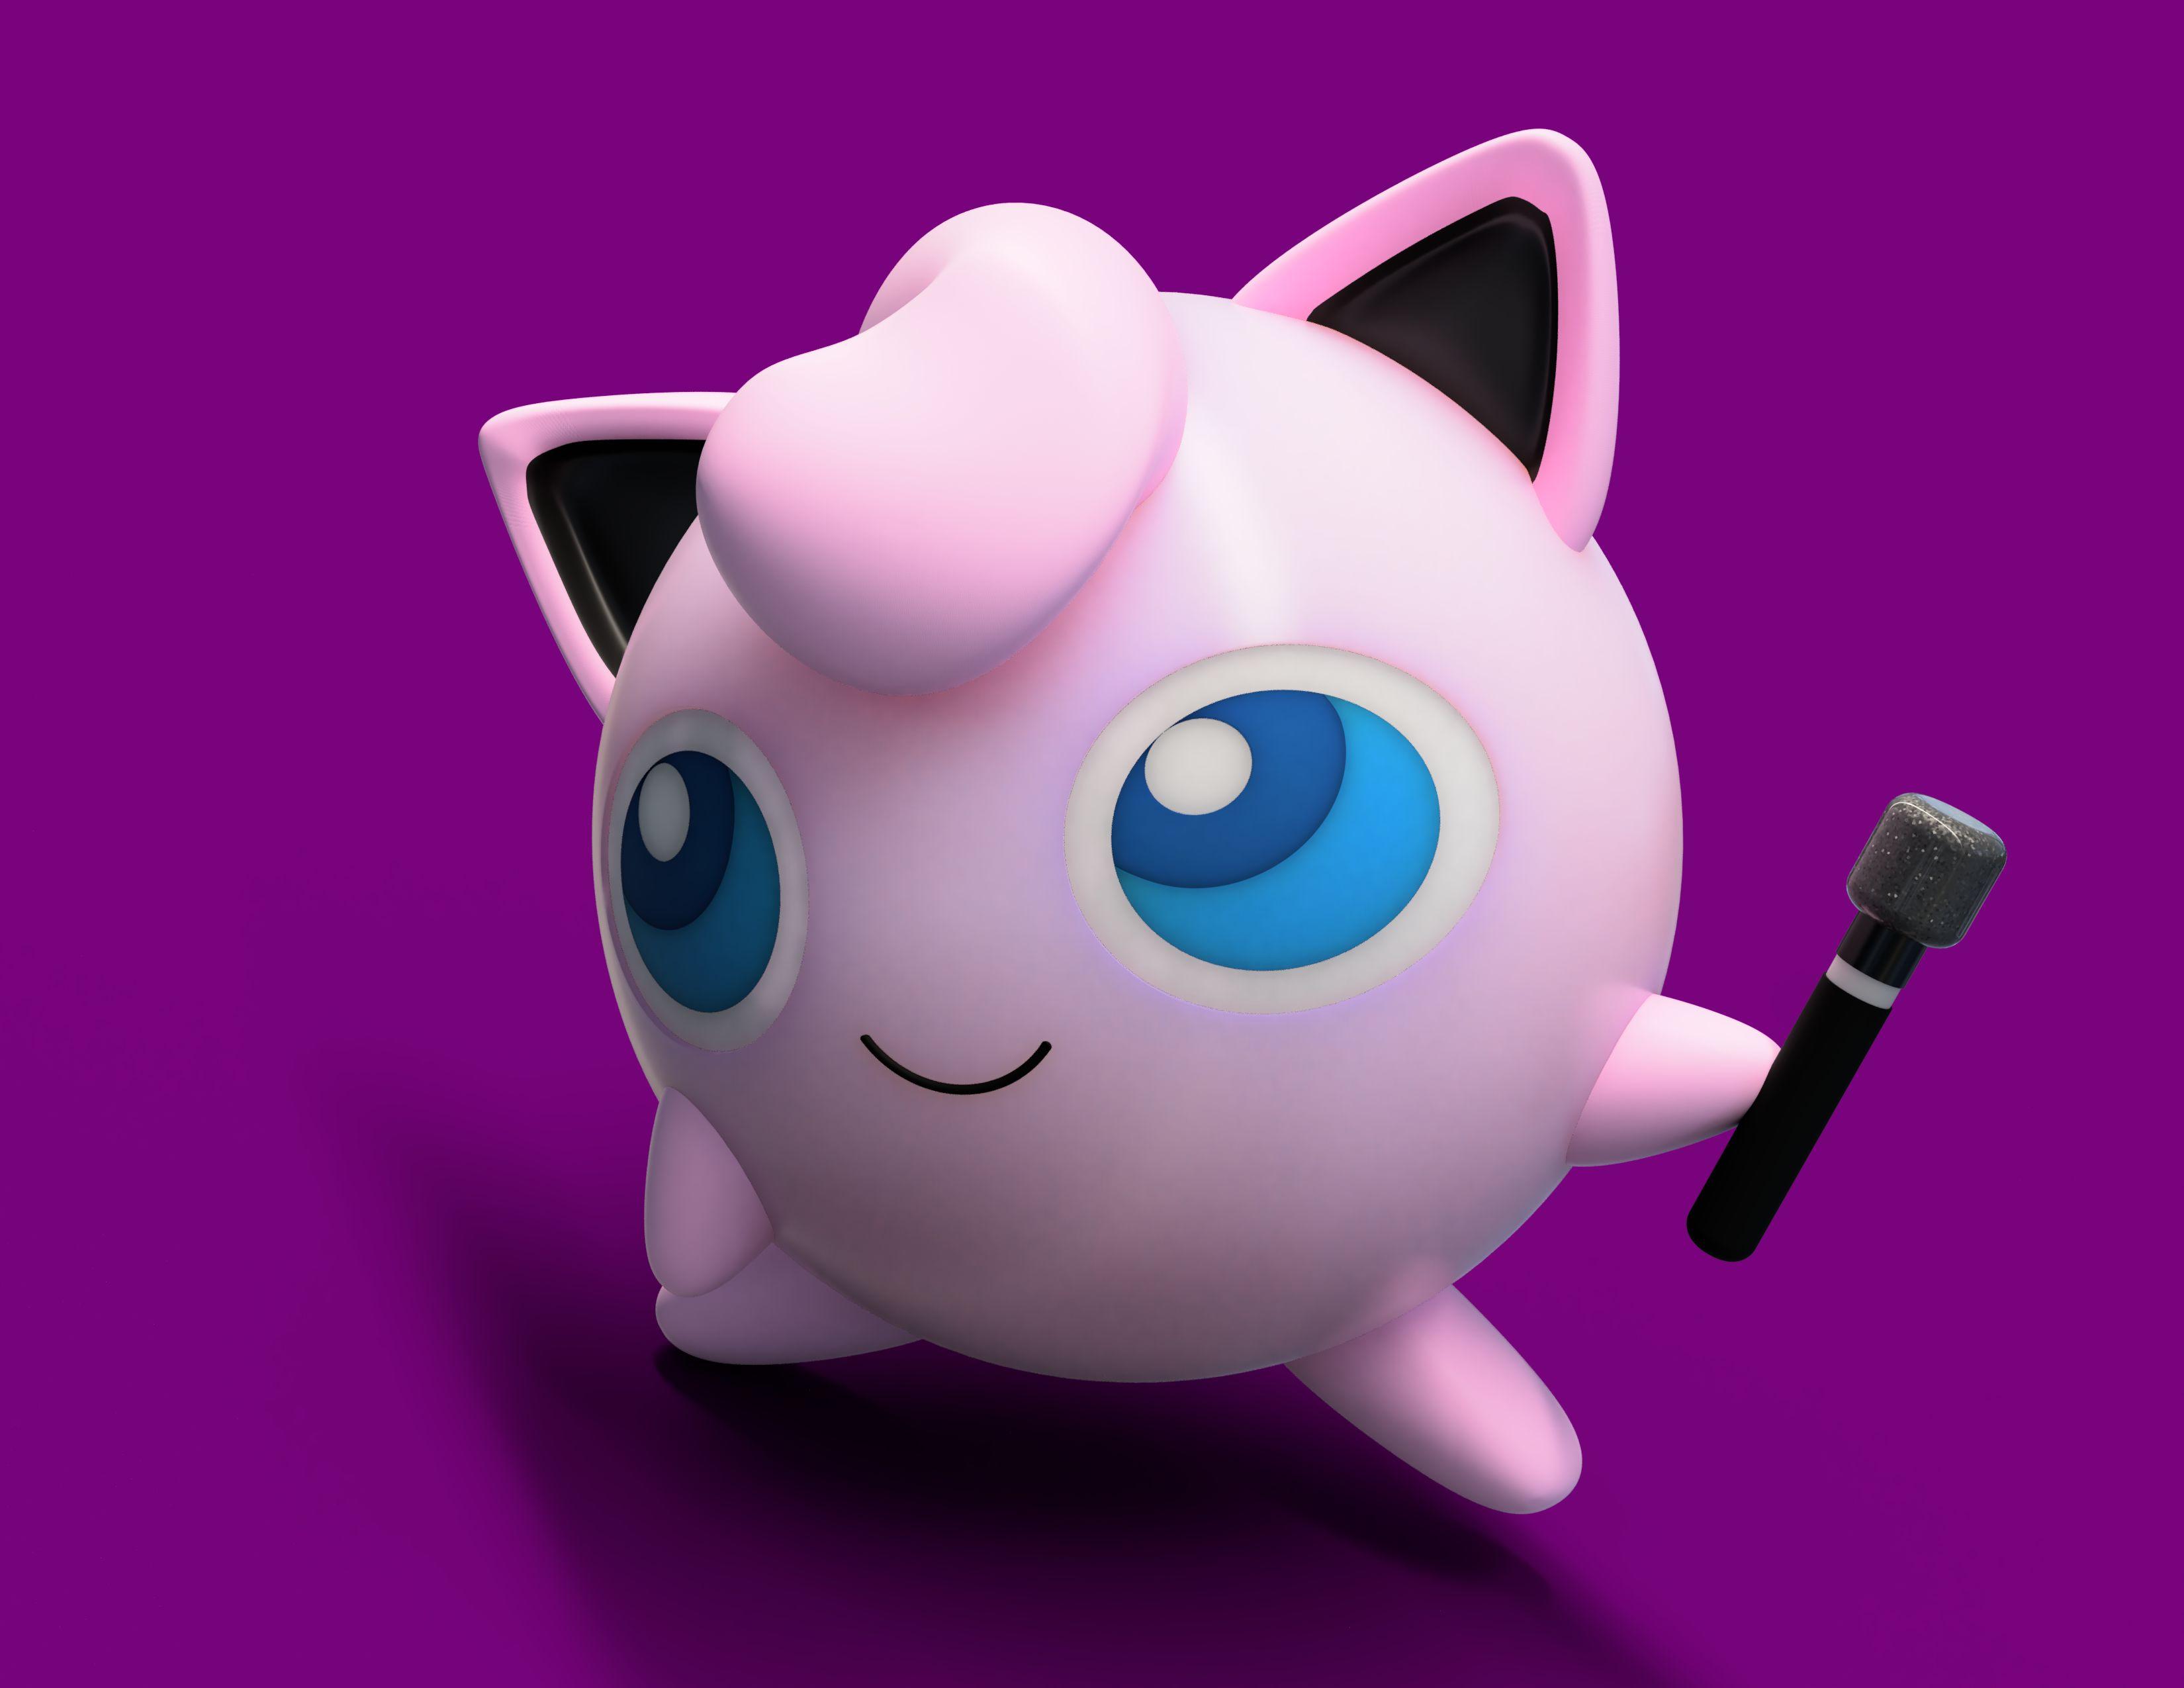 Pokemon--jiggliepof-2019-dec-24-06-58-47am-000-customizedview607459216-png-3500-3500